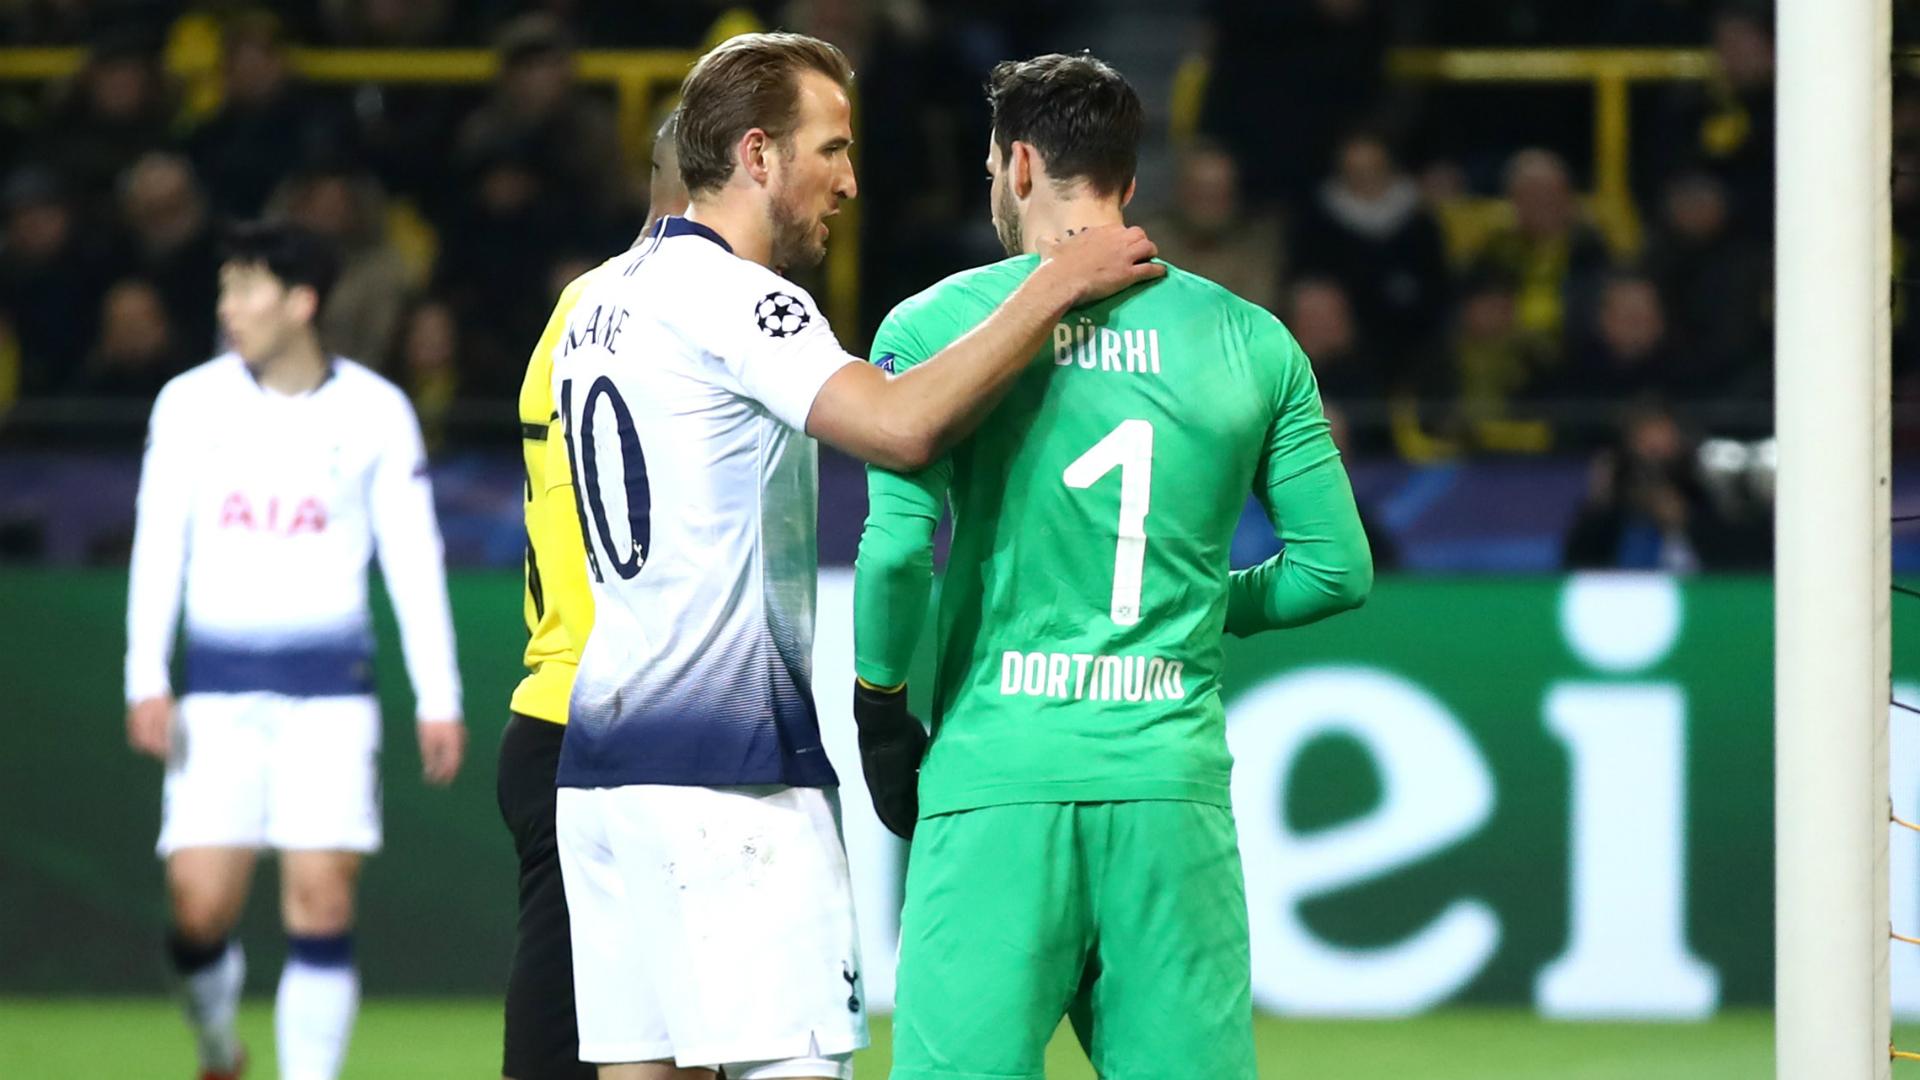 'Beast' Harry Kane was Dortmund's undoing - Burki